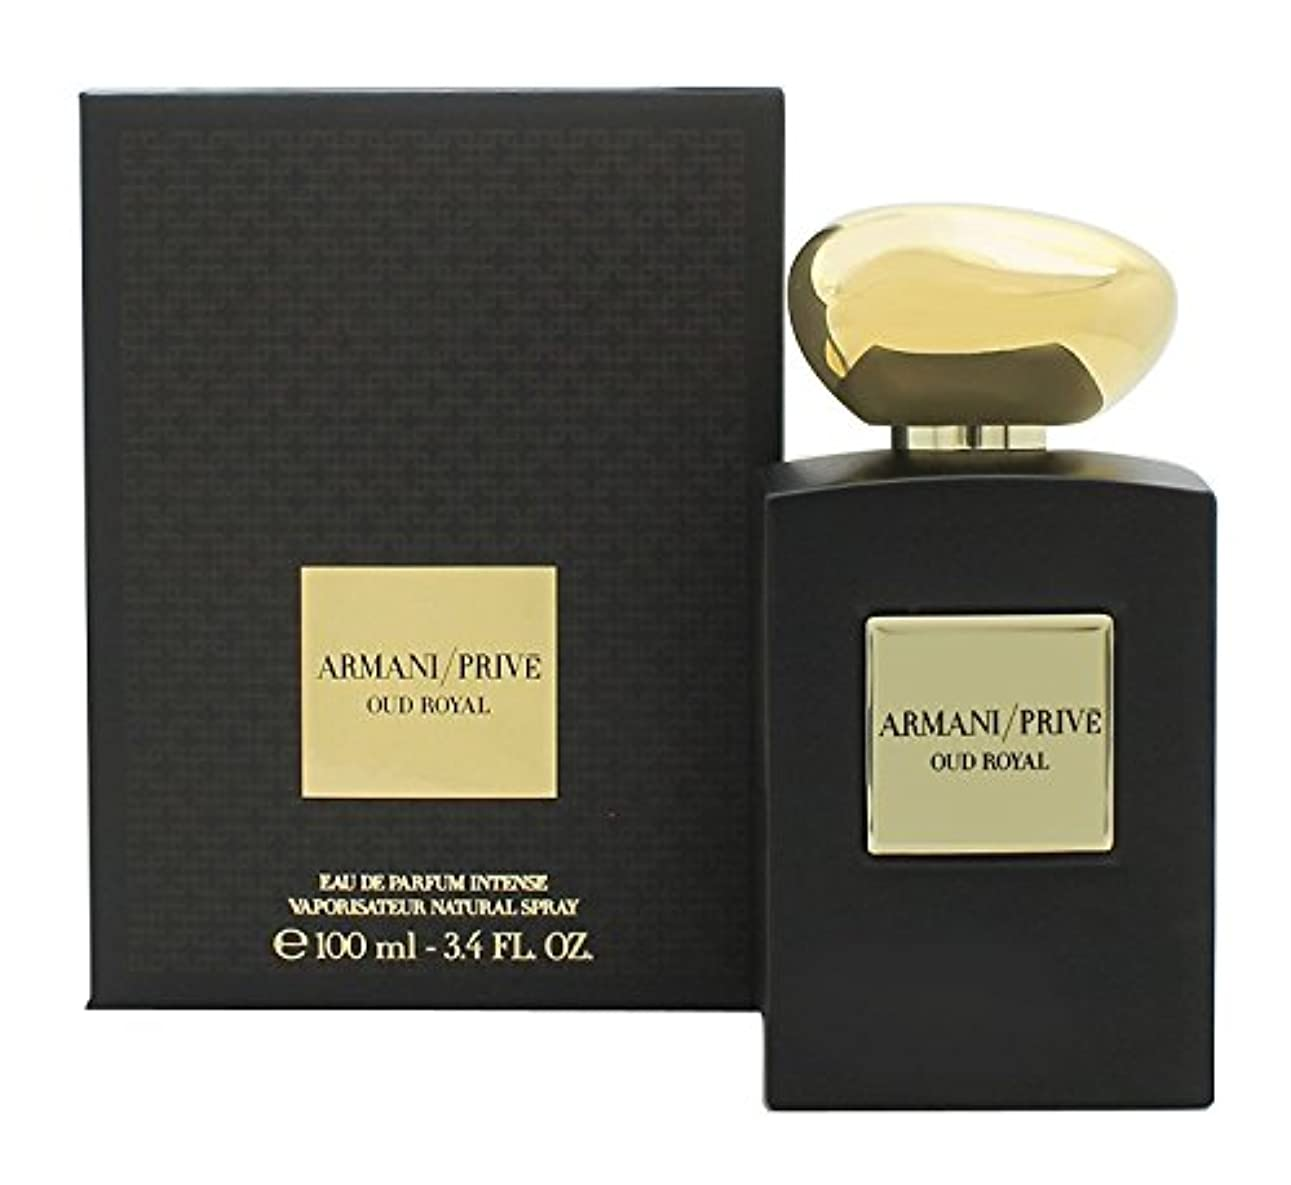 サンプル多くの危険がある状況寄生虫ジョルジオアルマーニ Prive Oud Royal Eau De Parfum Intense Spray 100ml/3.4oz並行輸入品